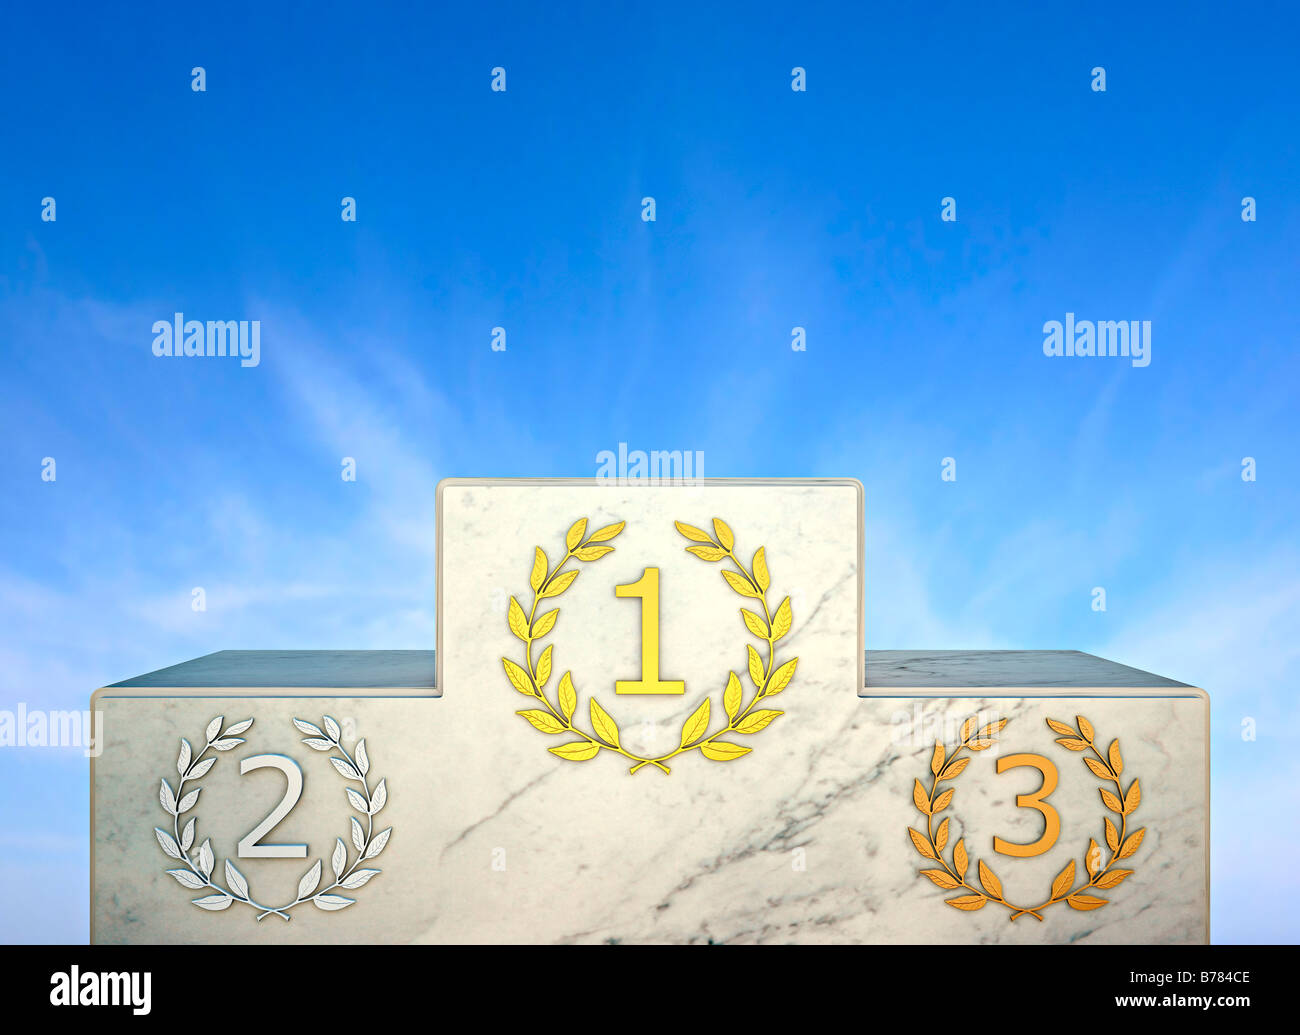 Tribune, Siegerpodest, comparaison, la concurrence, Wettbewerb, Auszeichnung, Gewinn, Champion, Erfolg Photo Stock